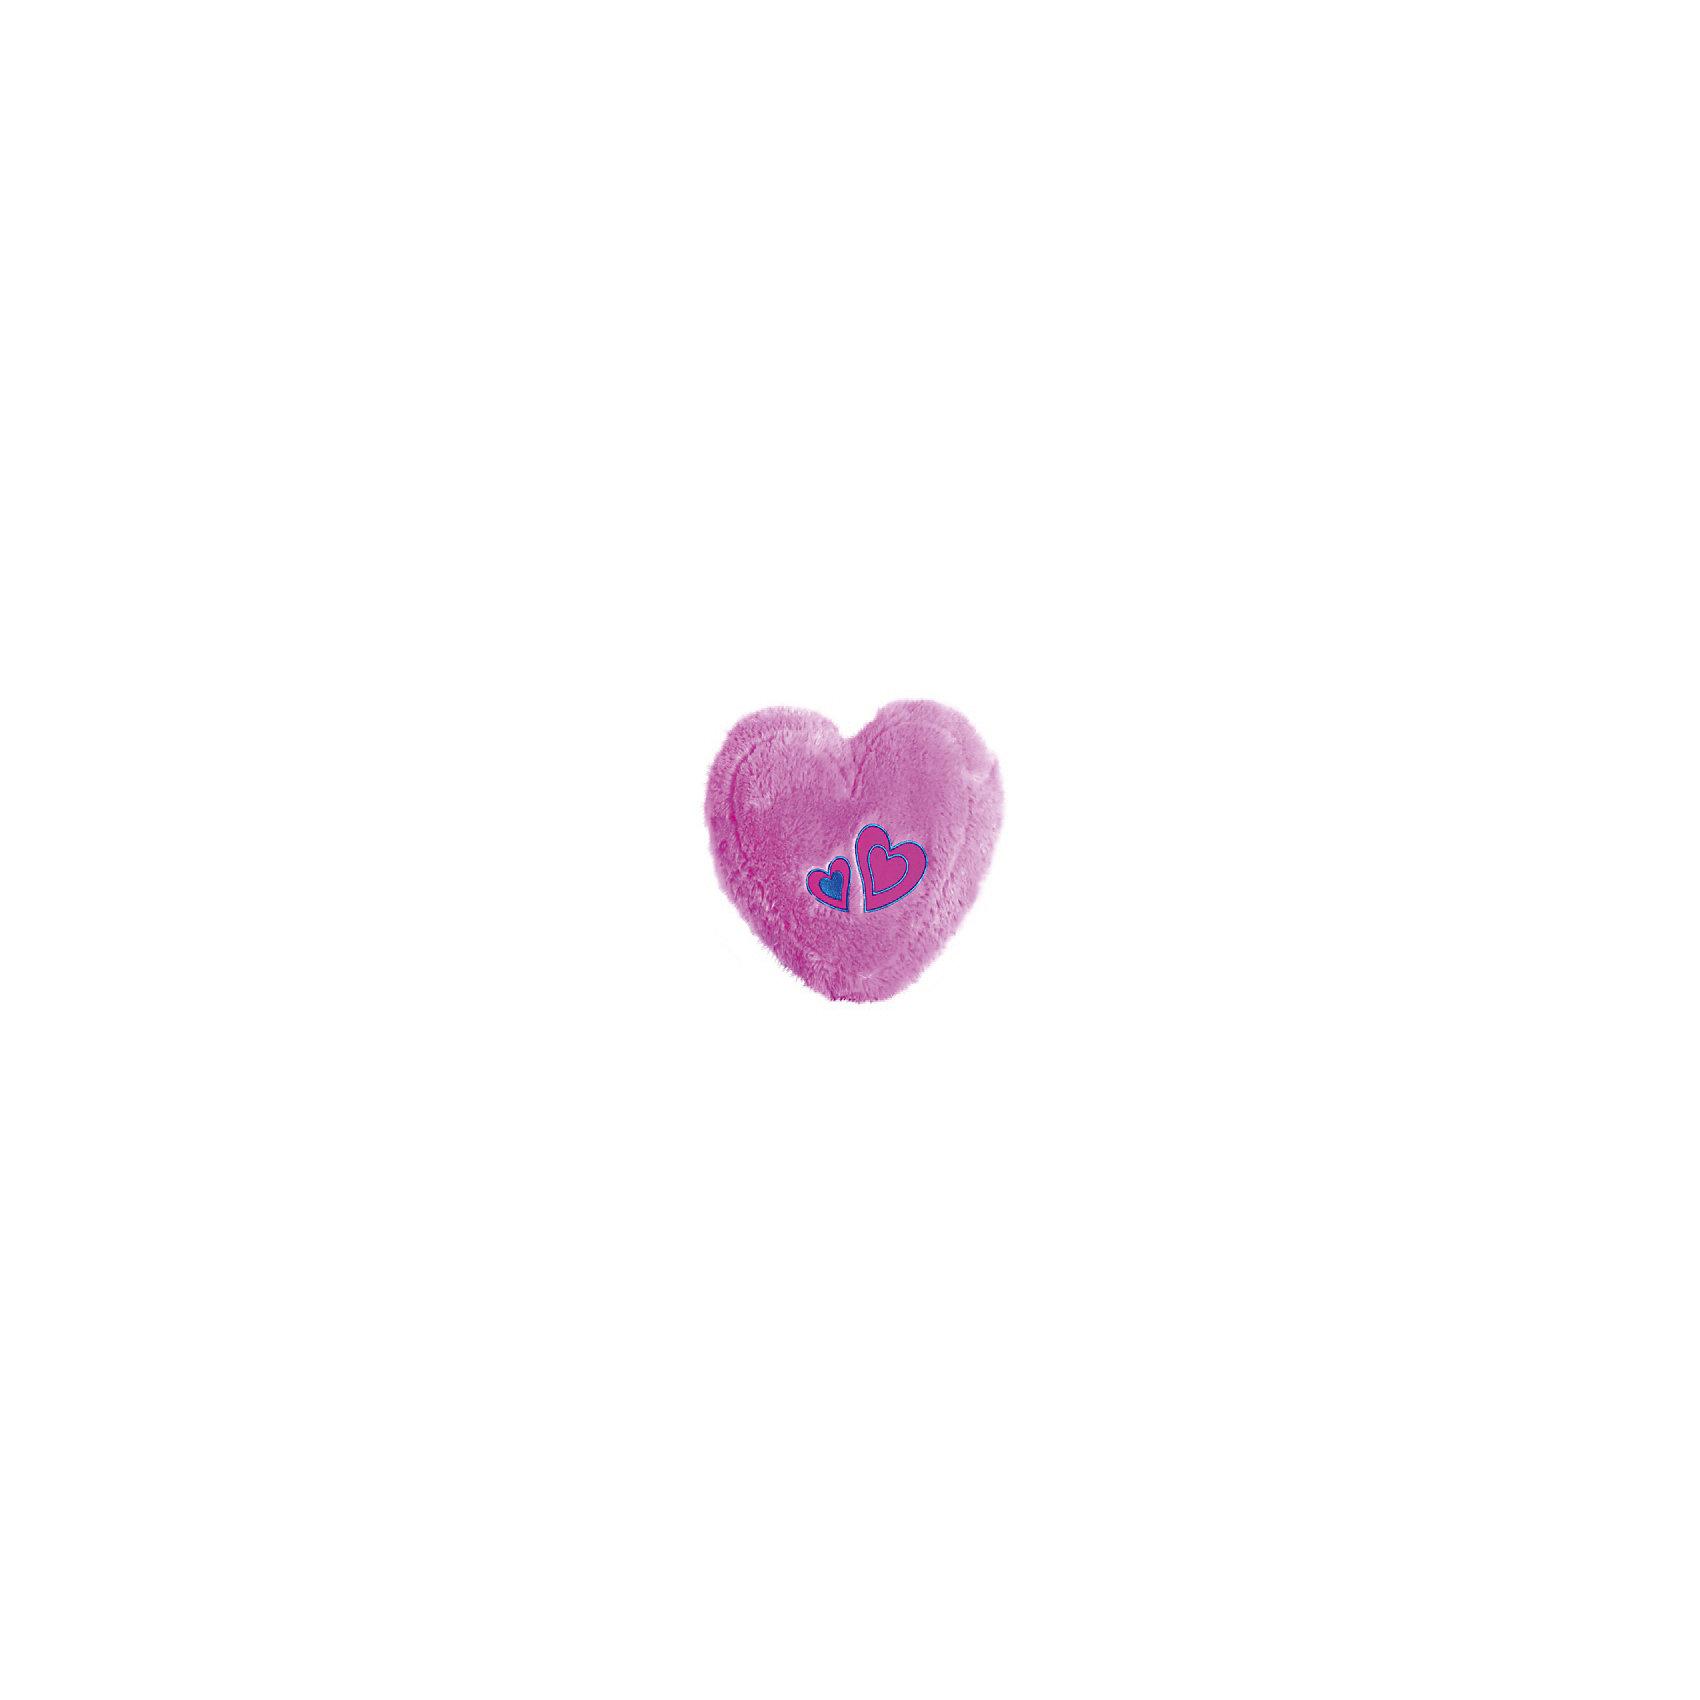 Валентинка Розовое сердце, GulliverВалентинка Розовое сердце, розовый, Gulliver (Гулливер) ? замечательная мягкая игрушка от известного производителя Gulliver. Изготовленная из гипоаллергенного искусственно меха приятной расцветки станет очаровательным и милым подарком как для детей, так и для взрослых. Мягкая игрушка украшена аппликацией в форме двух  сердец.<br>Валентинка Розовое сердце, розовый, Gulliver (Гулливер) может быть использована в качестве игрушки или в качестве милой подушки-думки. Поводом для подарка плюшевой валентинки может стать не только праздник, такое сердечко будет приятно получить и без повода.<br>Валентинка Розовое сердце, розовый, Gulliver (Гулливер) изготовлена из качественного искусственного меха, не вызывает аллергию, легко поддается стирке. Малышам такой подарок позволит развивать тактильные ощущения.<br><br>Дополнительная информация:<br><br>- Вид игр: сюжетно-ролевые игры <br>- Предназначение: для дома<br>- Материал: текстиль, искусственный мех<br>- Размер (ДхШхВ): 38*32*12 см<br>- Вес: 397 г<br>- Особенности ухода: допускается машинная стирка на деликатном режиме<br><br>ВНИМАНИЕ! Данный артикул имеется в наличии в разных цветовых исполнениях (розовый, светло розовый). К сожалению, заранее выбрать определенный цвет невозможно.<br><br>Подробнее:<br><br>• Для детей в возрасте: от 3 лет и до 7 лет <br>• Страна производитель: Тайвань<br>• Торговый бренд: Gulliver<br><br>Валентинку Розовое сердце, розовую, Gulliver (Гулливер) можно купить в нашем интернет-магазине.<br><br>Ширина мм: 380<br>Глубина мм: 320<br>Высота мм: 120<br>Вес г: 397<br>Возраст от месяцев: 36<br>Возраст до месяцев: 84<br>Пол: Унисекс<br>Возраст: Детский<br>SKU: 4797174